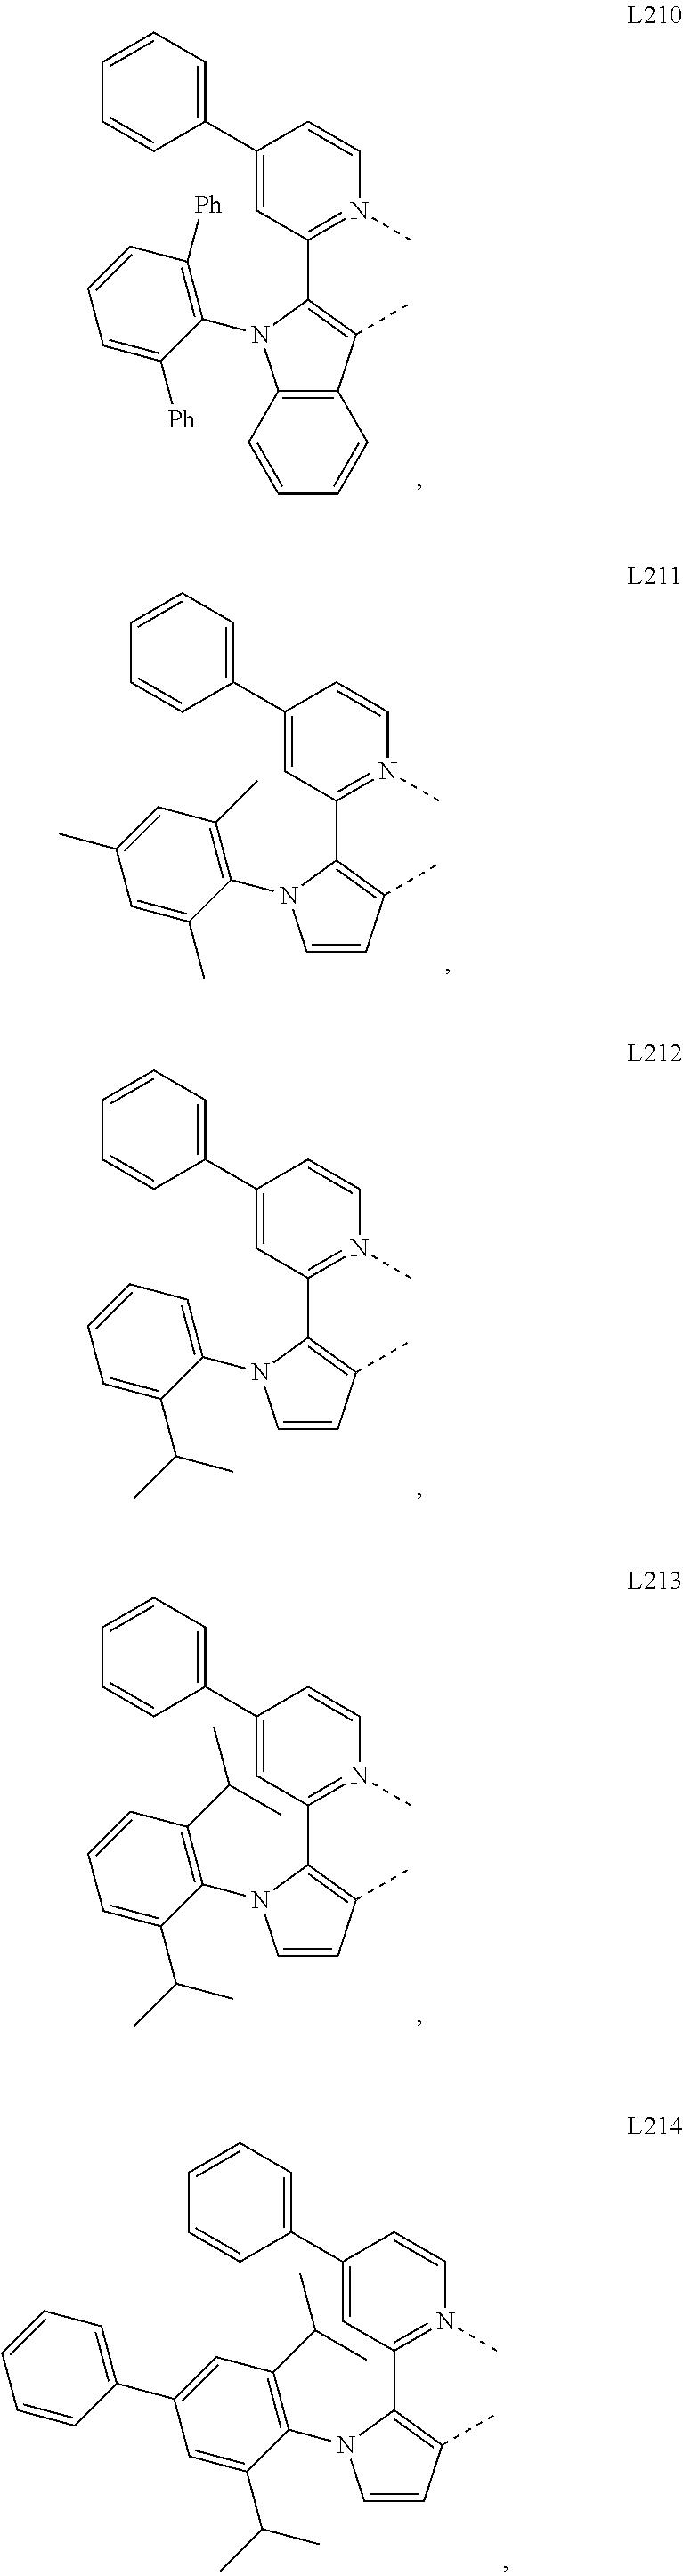 Figure US09935277-20180403-C00048